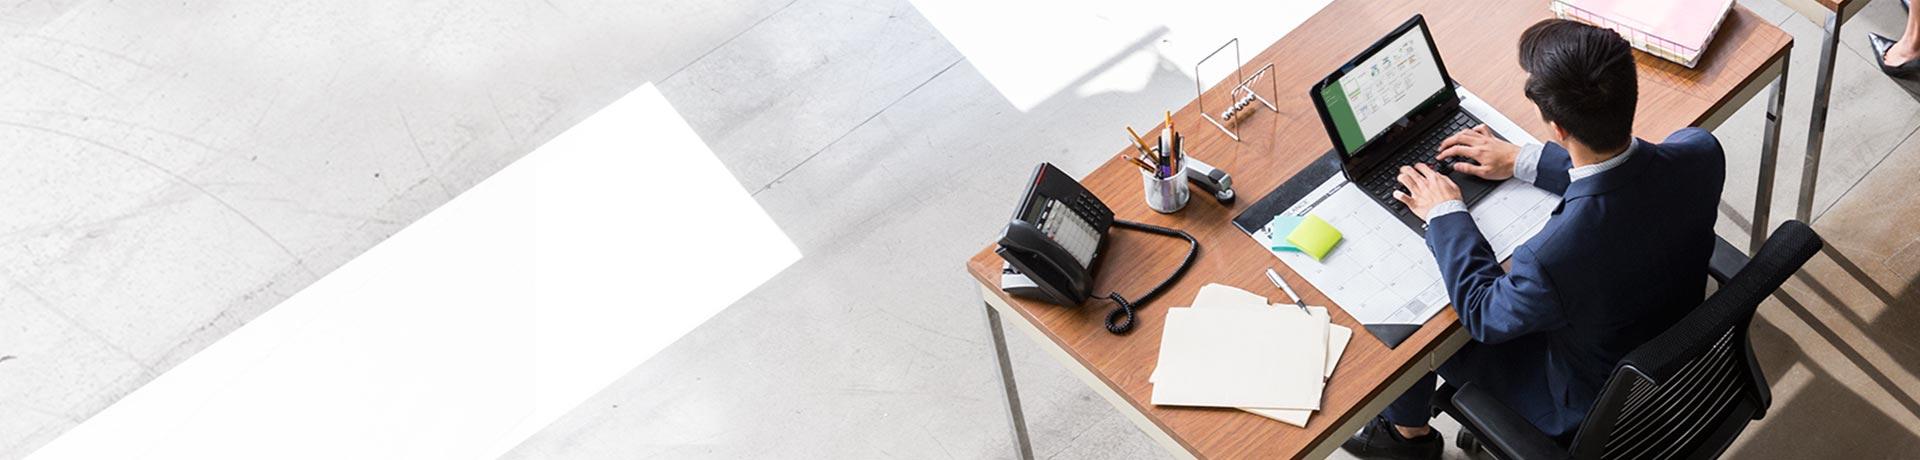 Egy férfi egy irodai asztalnál ül, és a laptopján egy Microsoft Project-fájlon dolgozik.